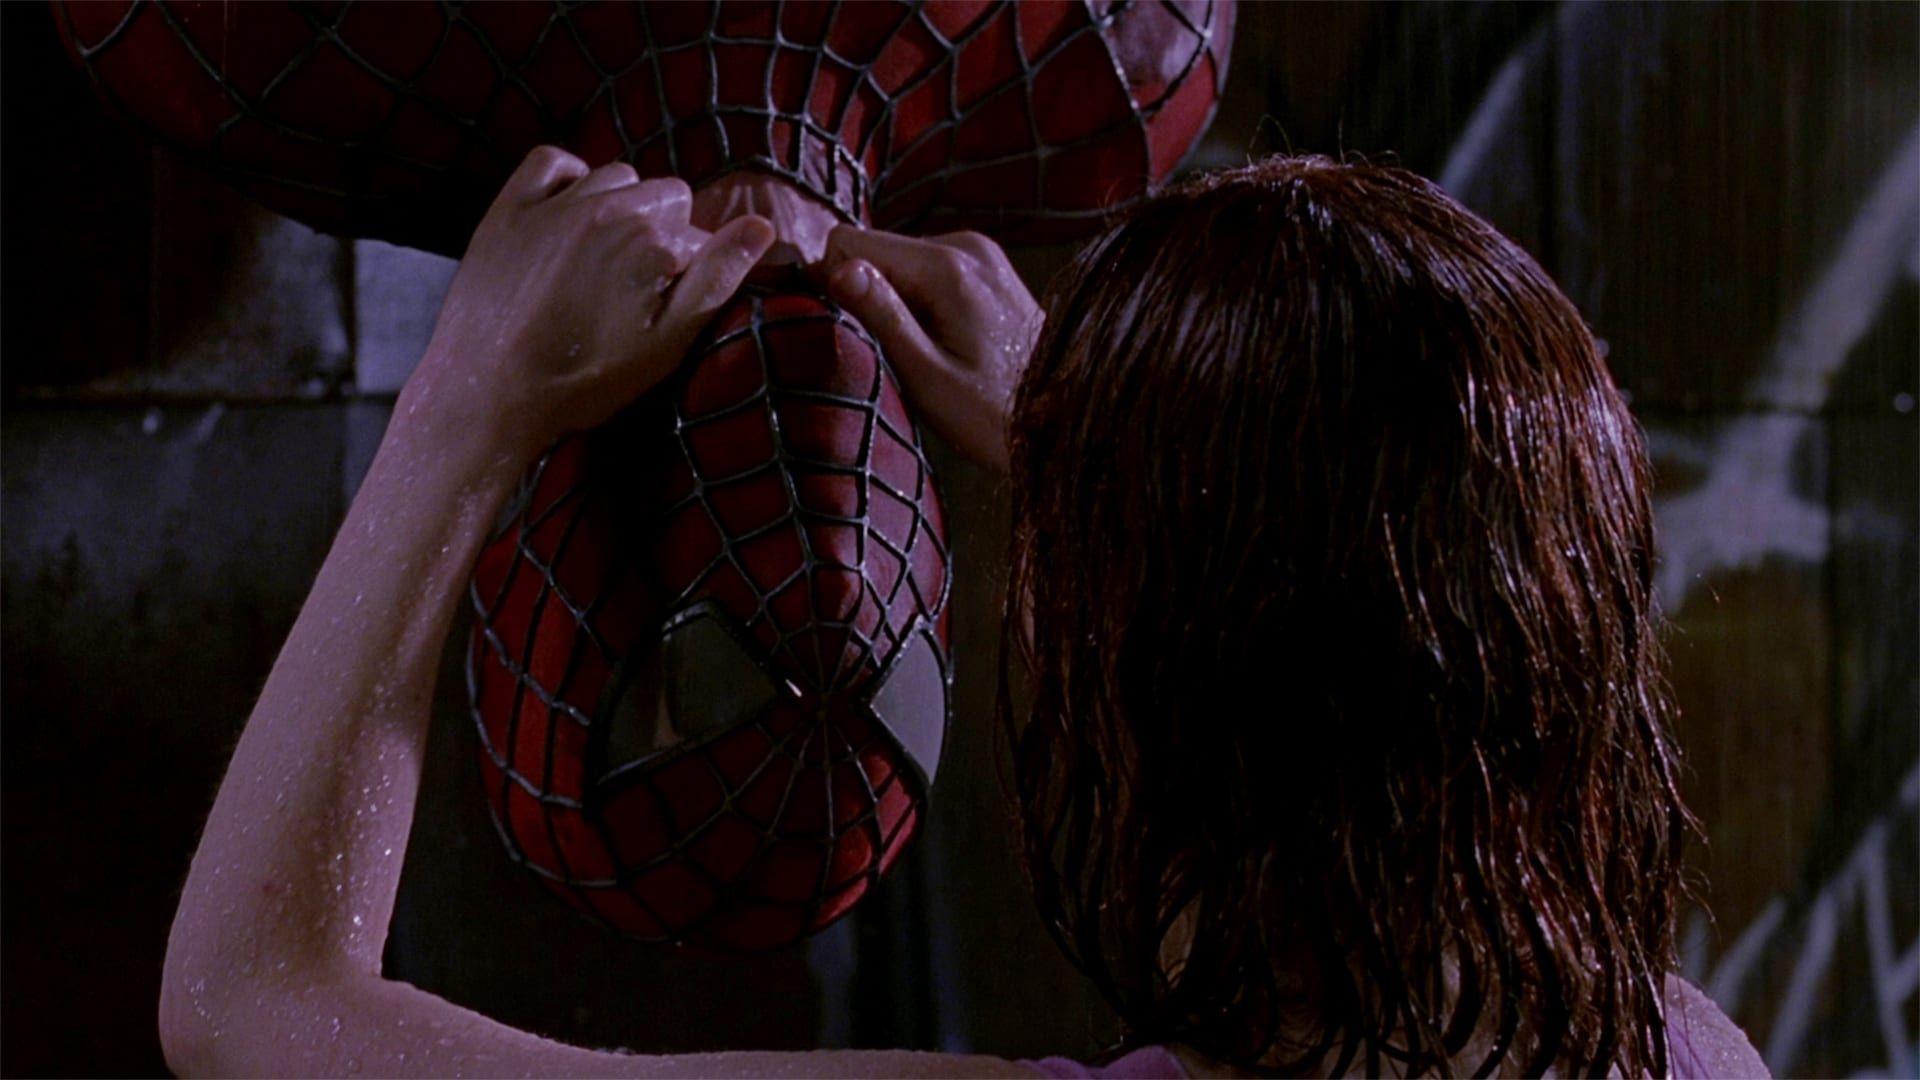 Altadefinizione Spider Man 2002 Streaming Ita Cb01 Film Completo Cinema Guarda Spider Man Italiano 2002 F Movies Online Spiderman Full Movies Online Free